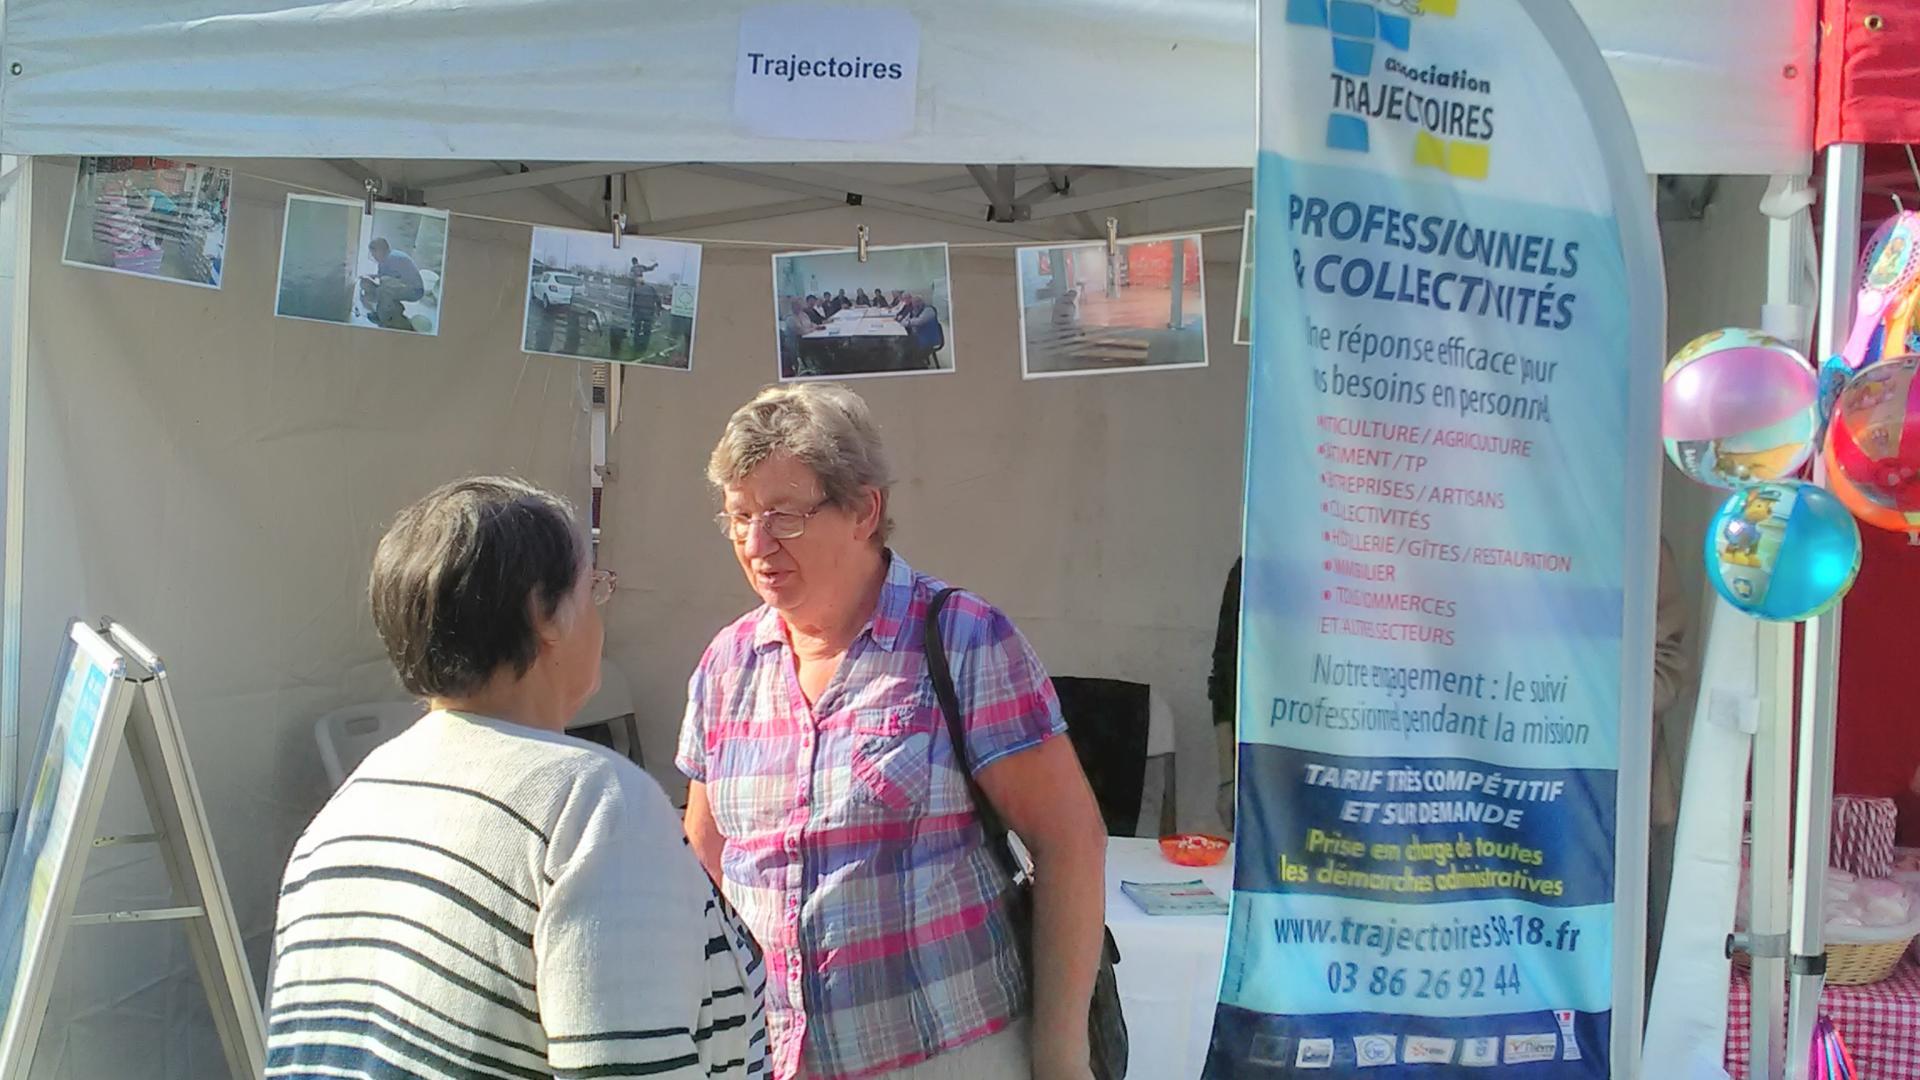 Septembre 2018, fête des associations Cosne Cours sur Loire